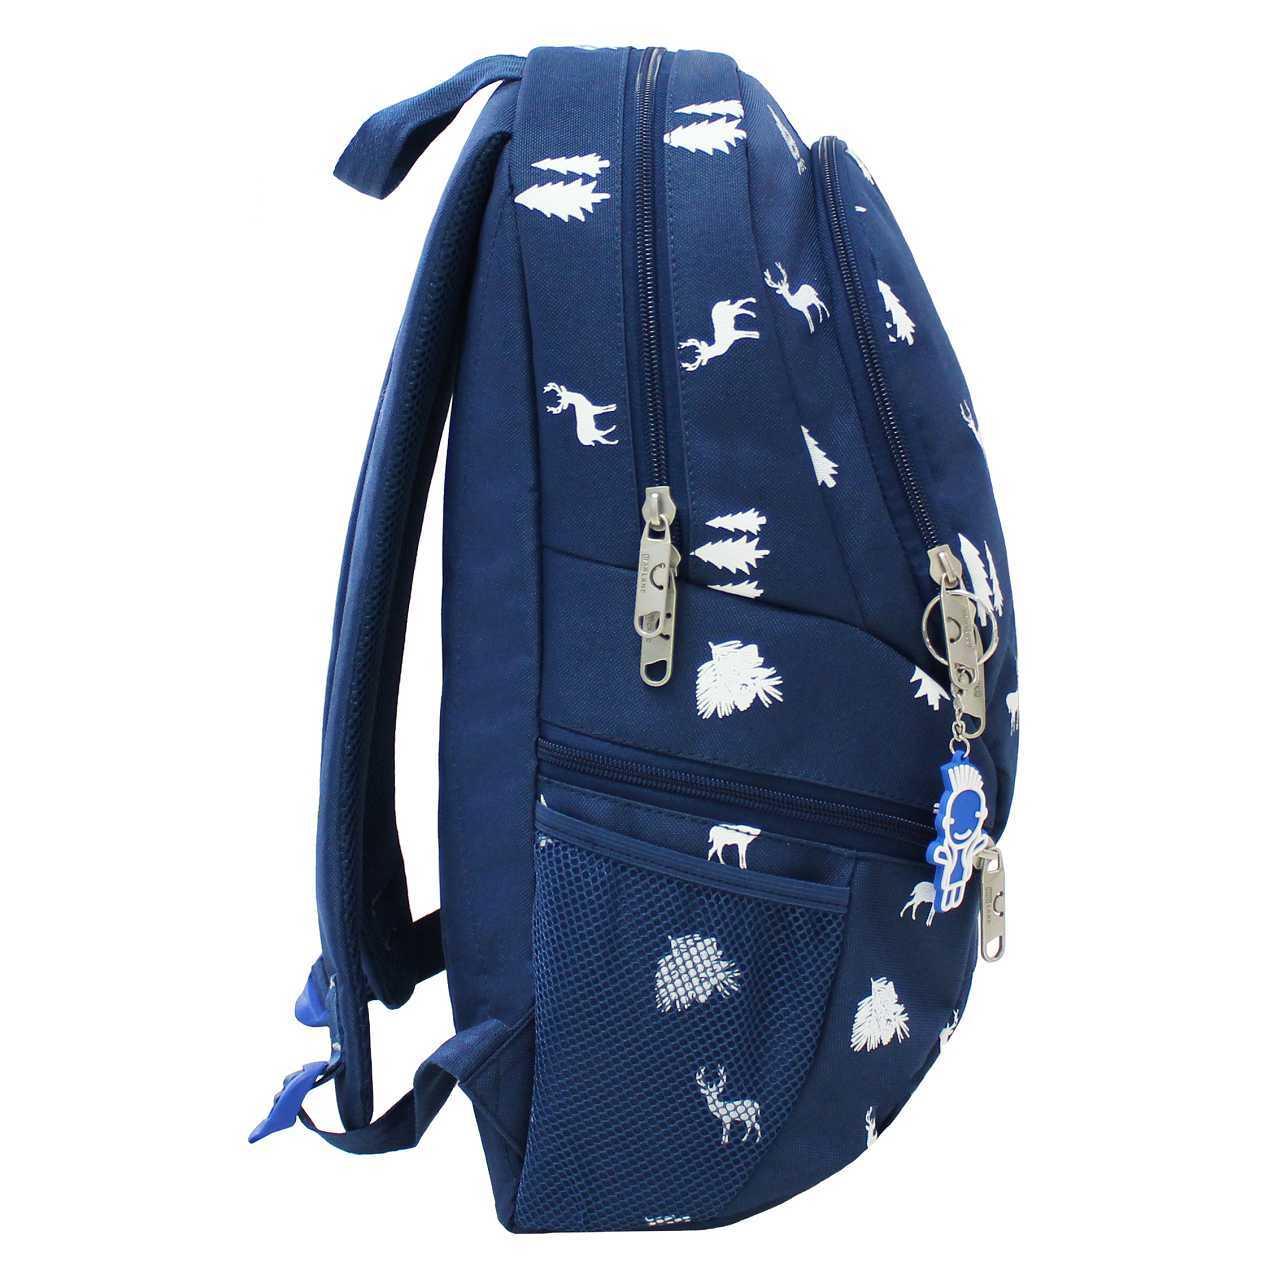 Рюкзак Bagland Urban синій/олені 0053066 фото 2